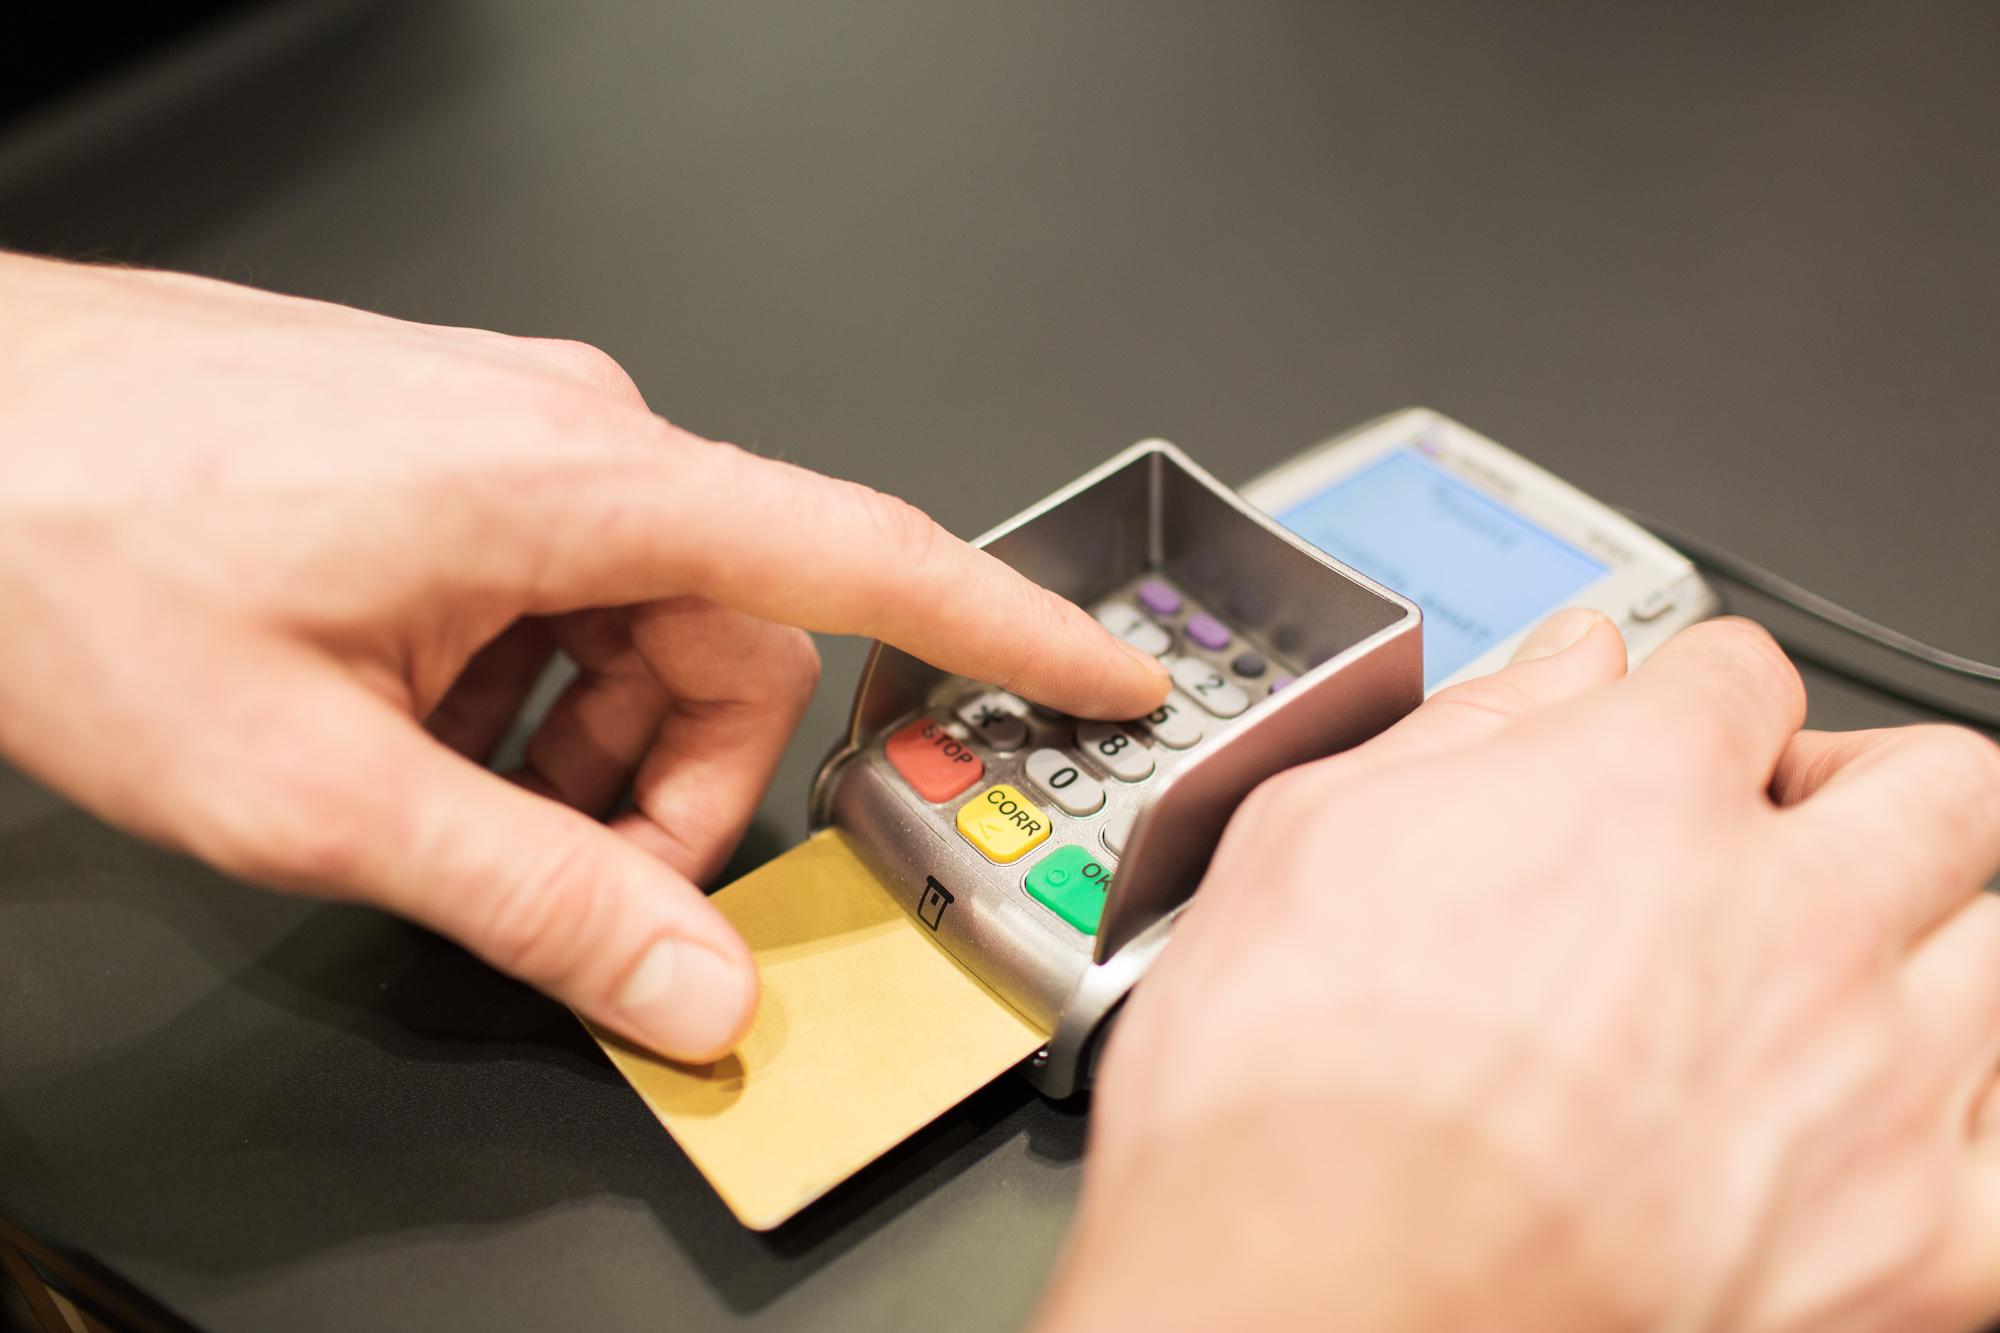 実はサインでも大丈夫?クレジットカードの暗証番号を忘れた場合の正しい対処法